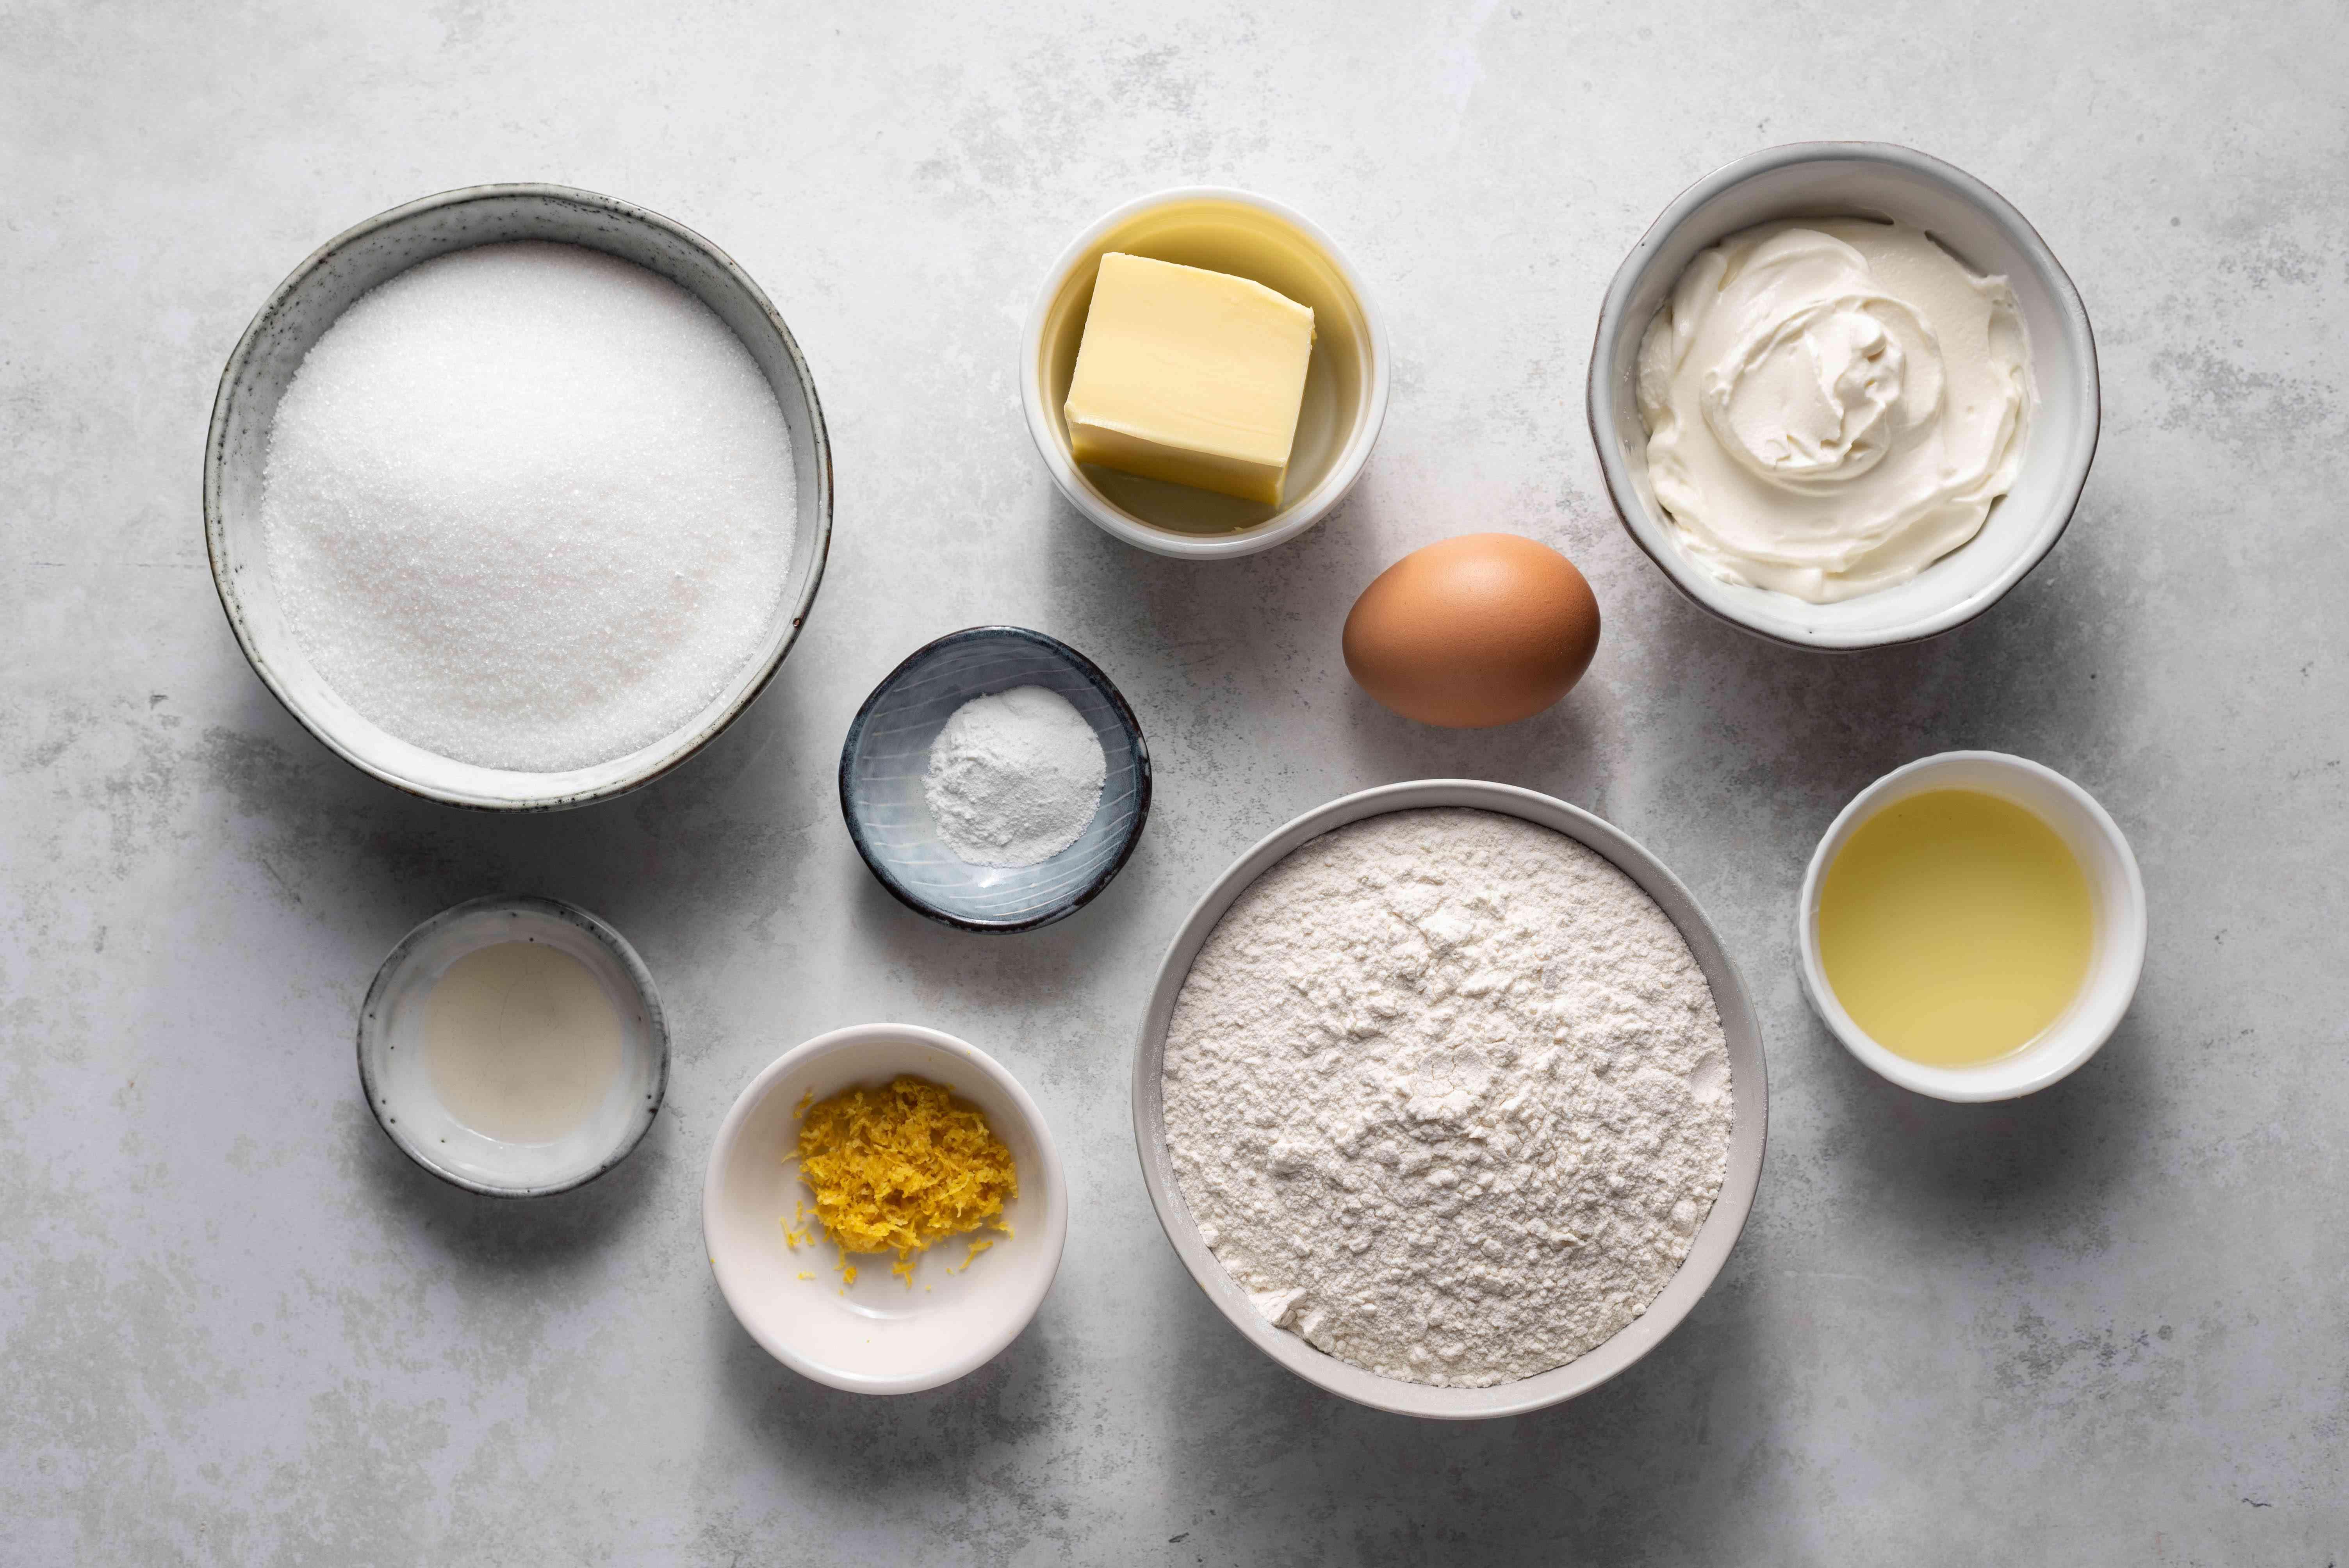 Lemon Cream Cheese Cookies ingredients